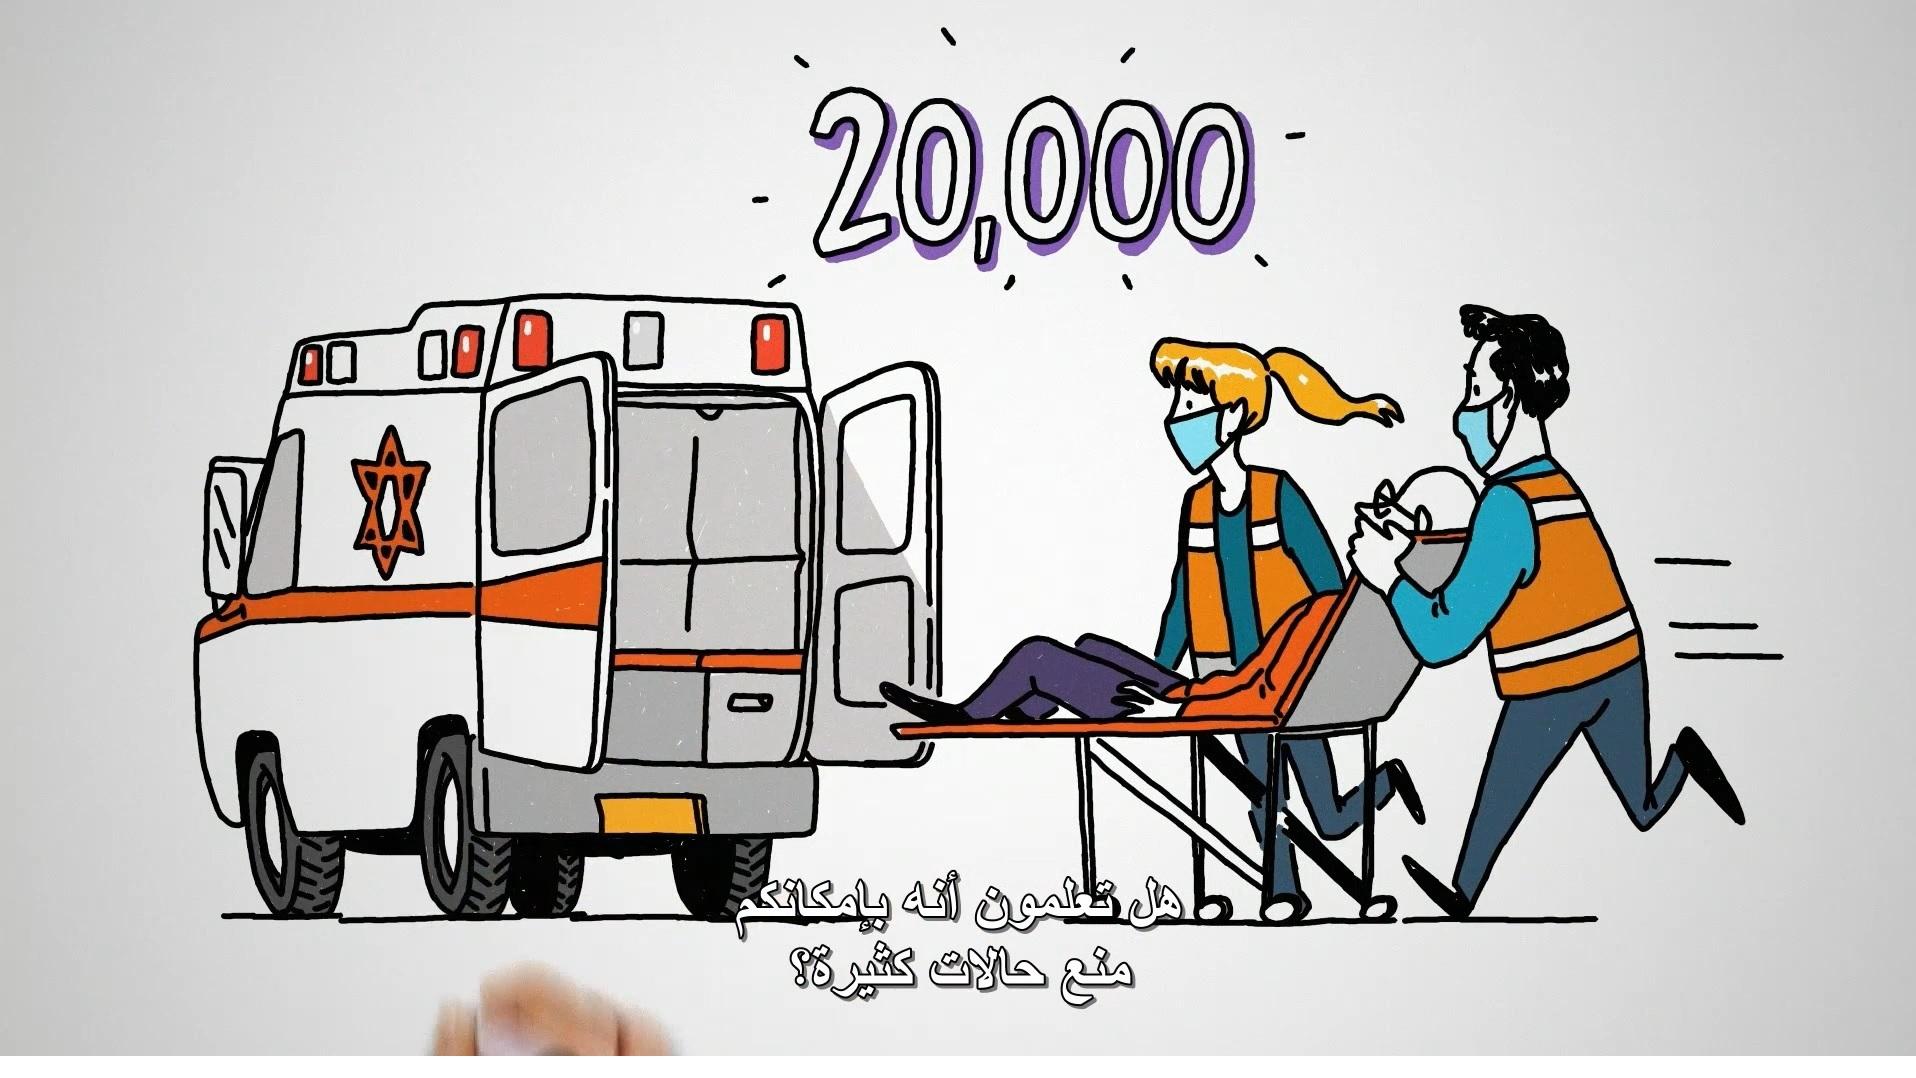 20,000 התקפי שבץ בשנה